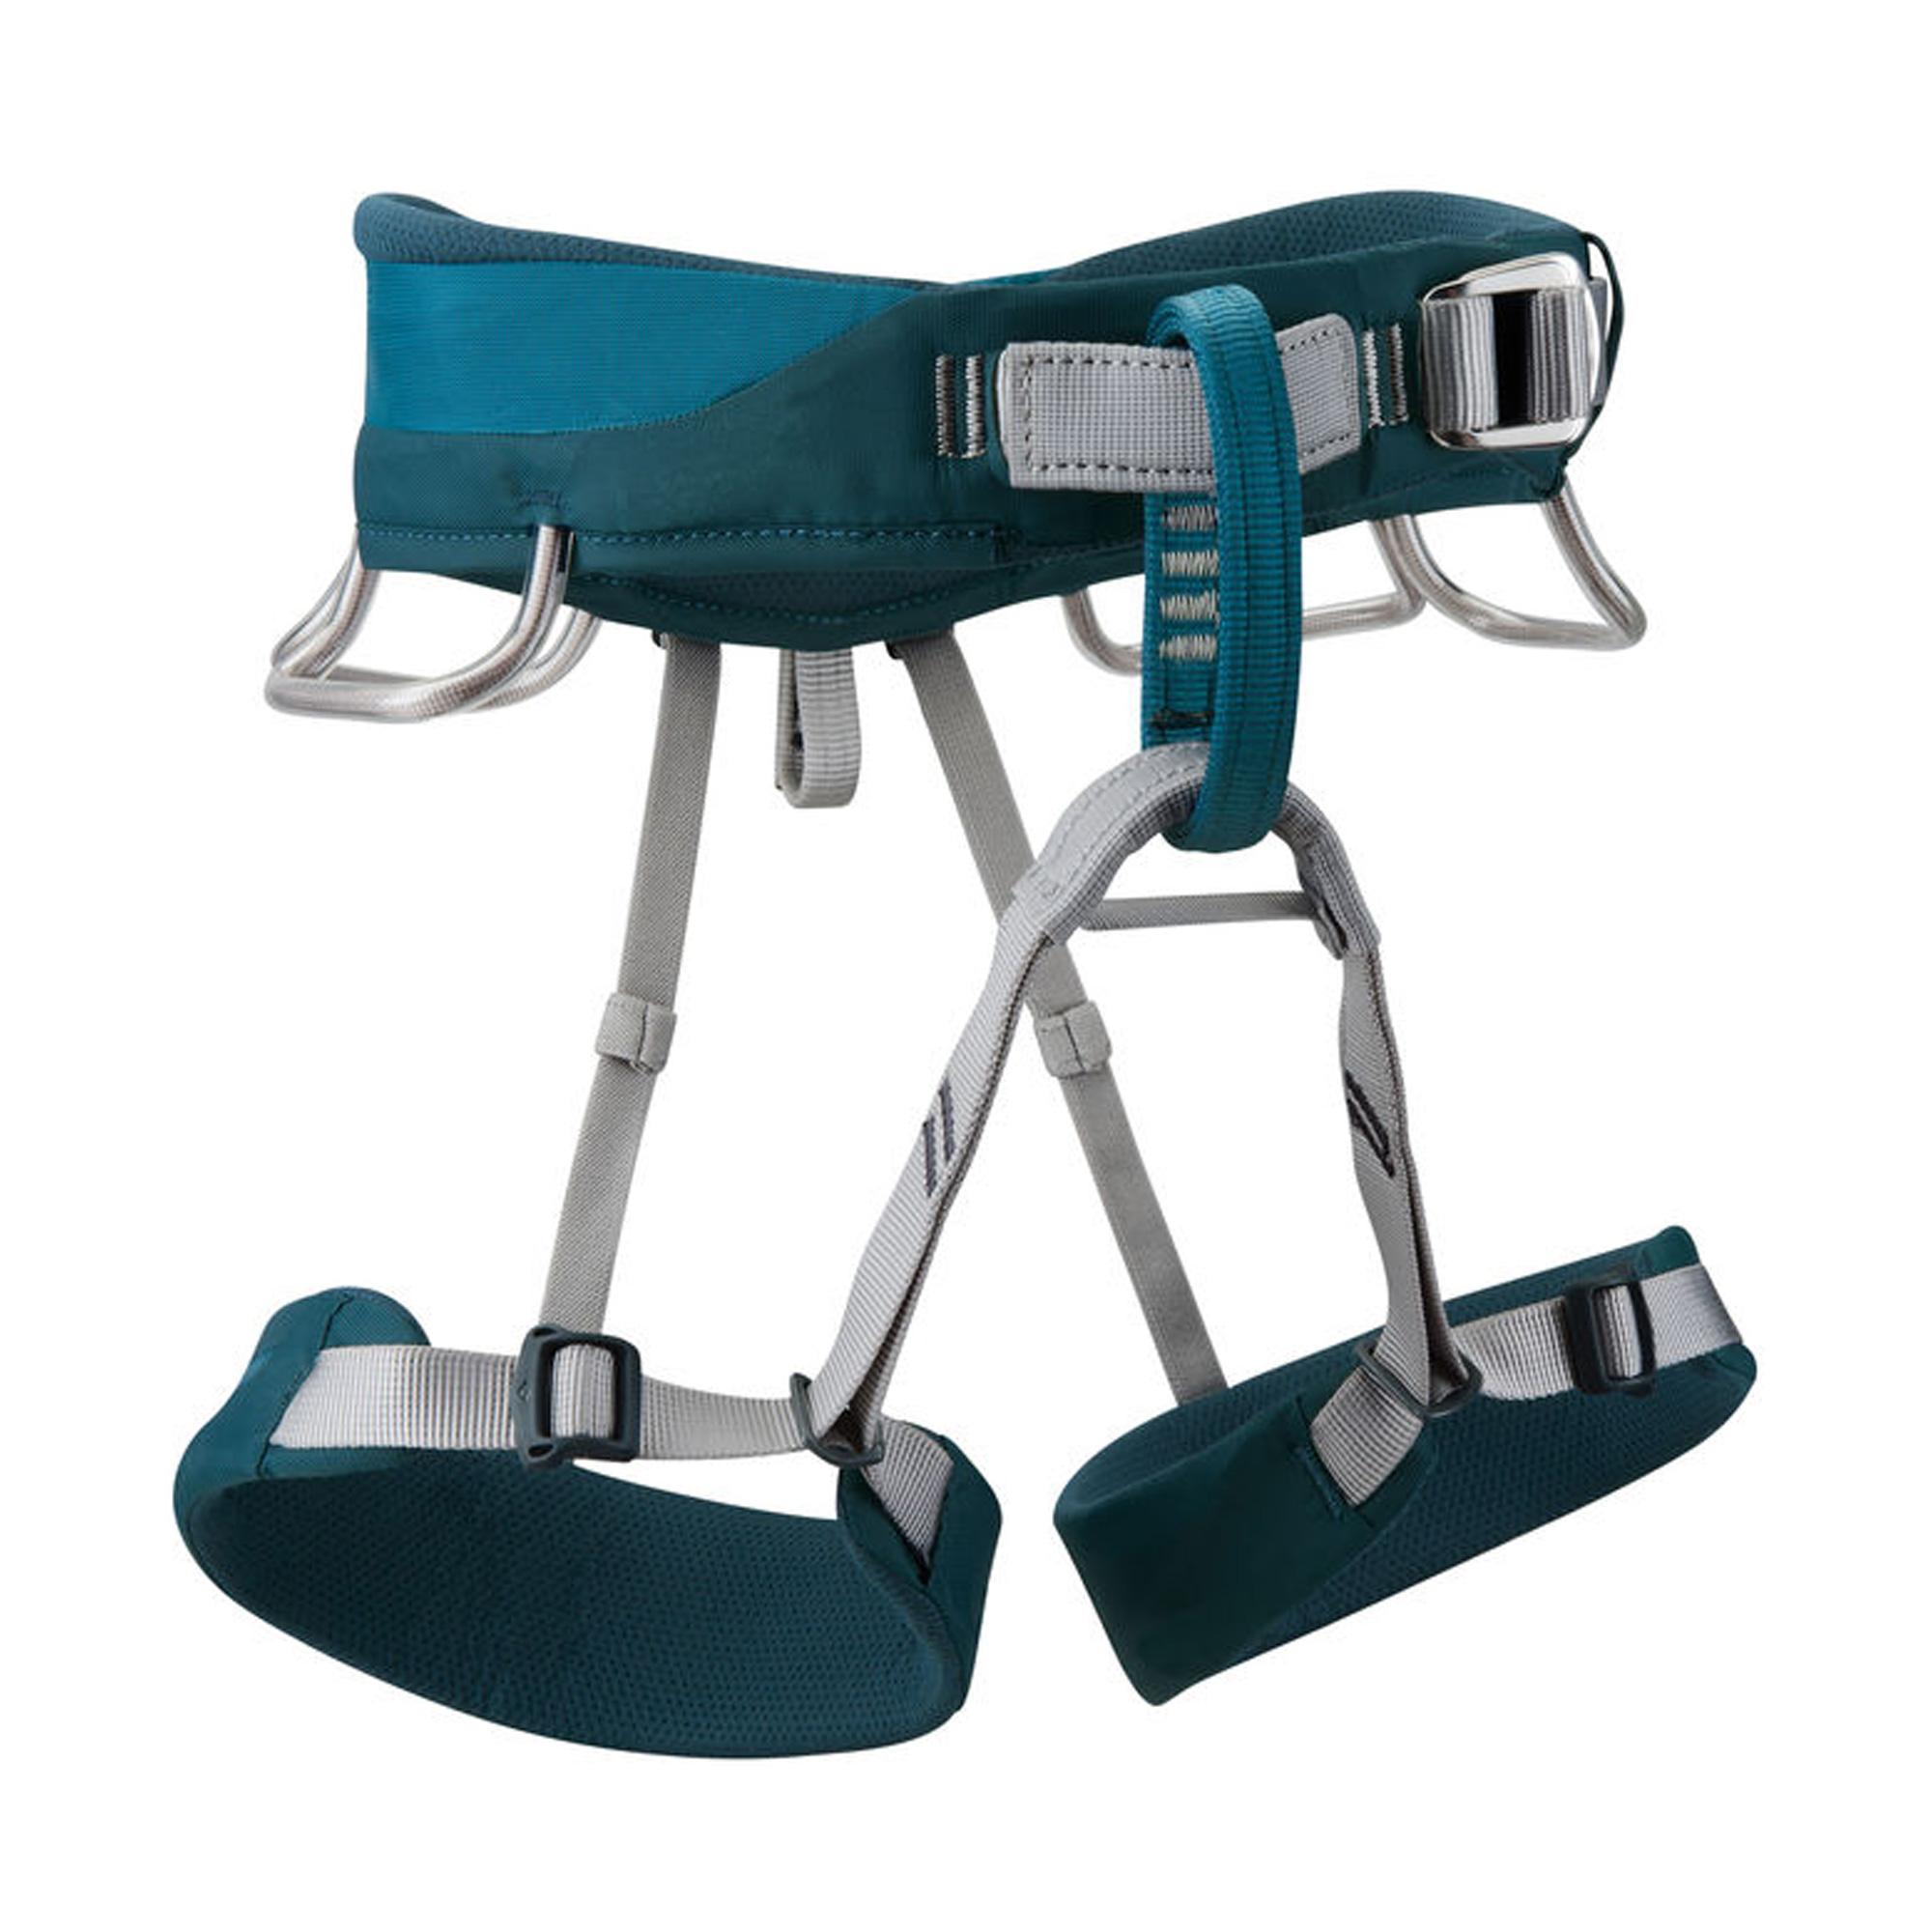 Обвязка BLACK DIAMOND Primrose Harness Moroccan Blue Страховочные системы (обвязки) 1330796  - купить со скидкой